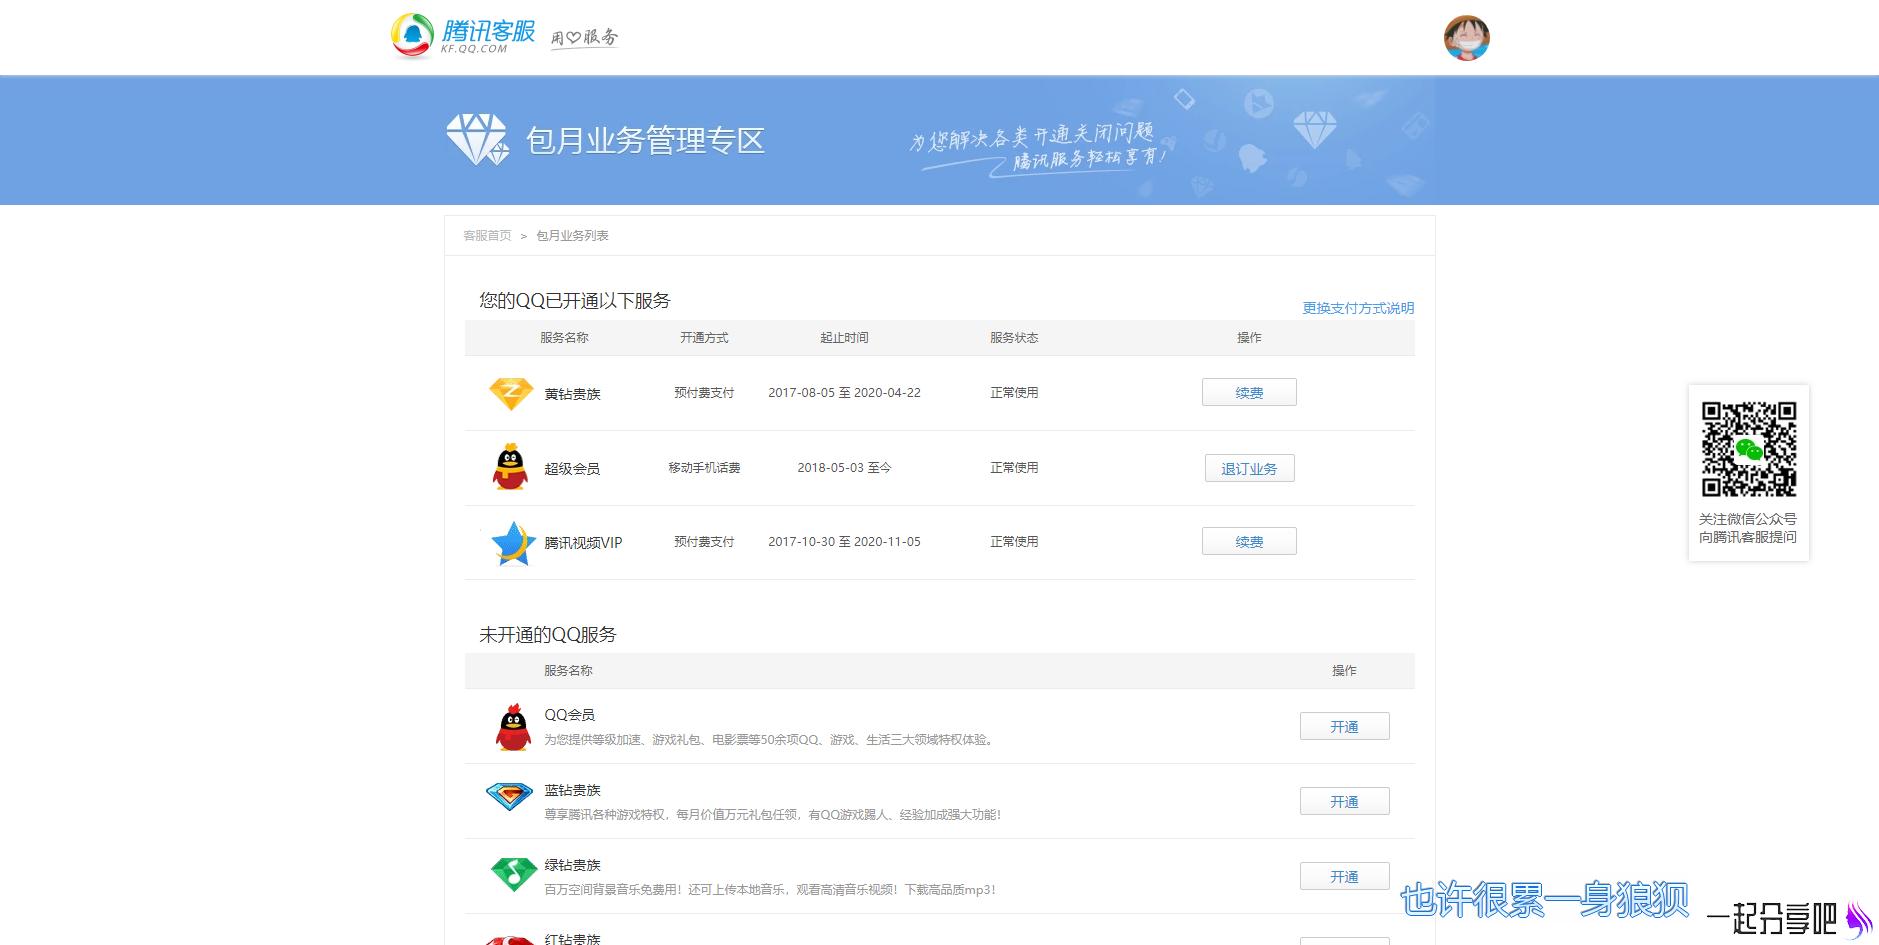 全网首发2019刷QQ超级会员代码 第1张